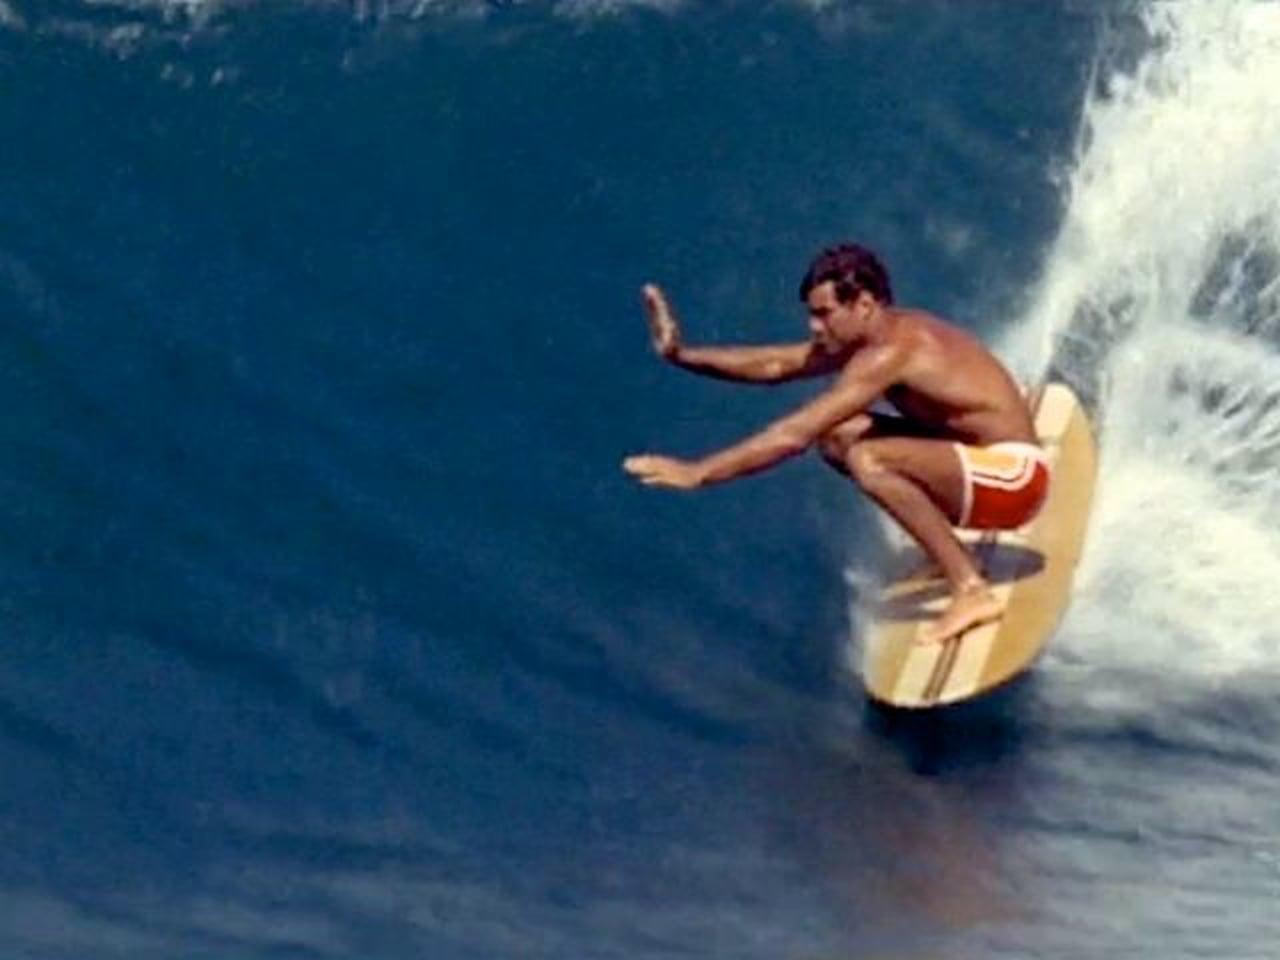 Miki, Amerikában csak Mickey, a hawaii North Shore hullámait lovagolva (Fotó: vimeo.com)